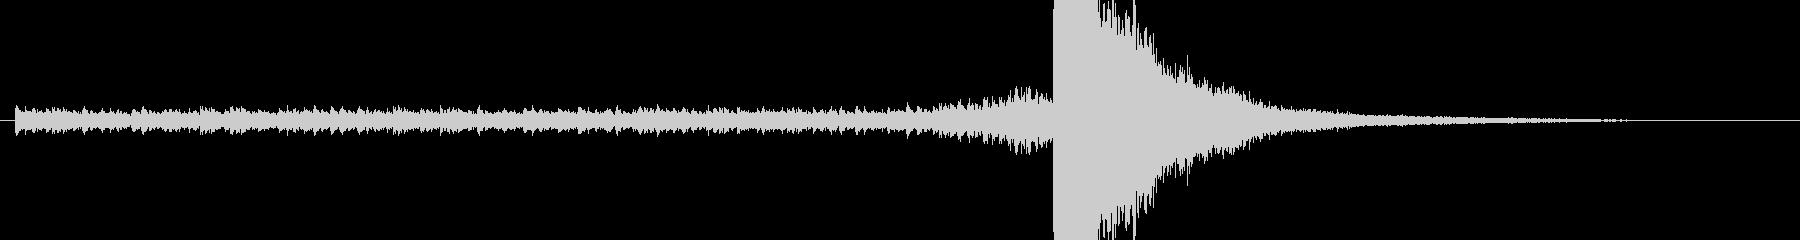 ドラムロール 長め シンバルの未再生の波形